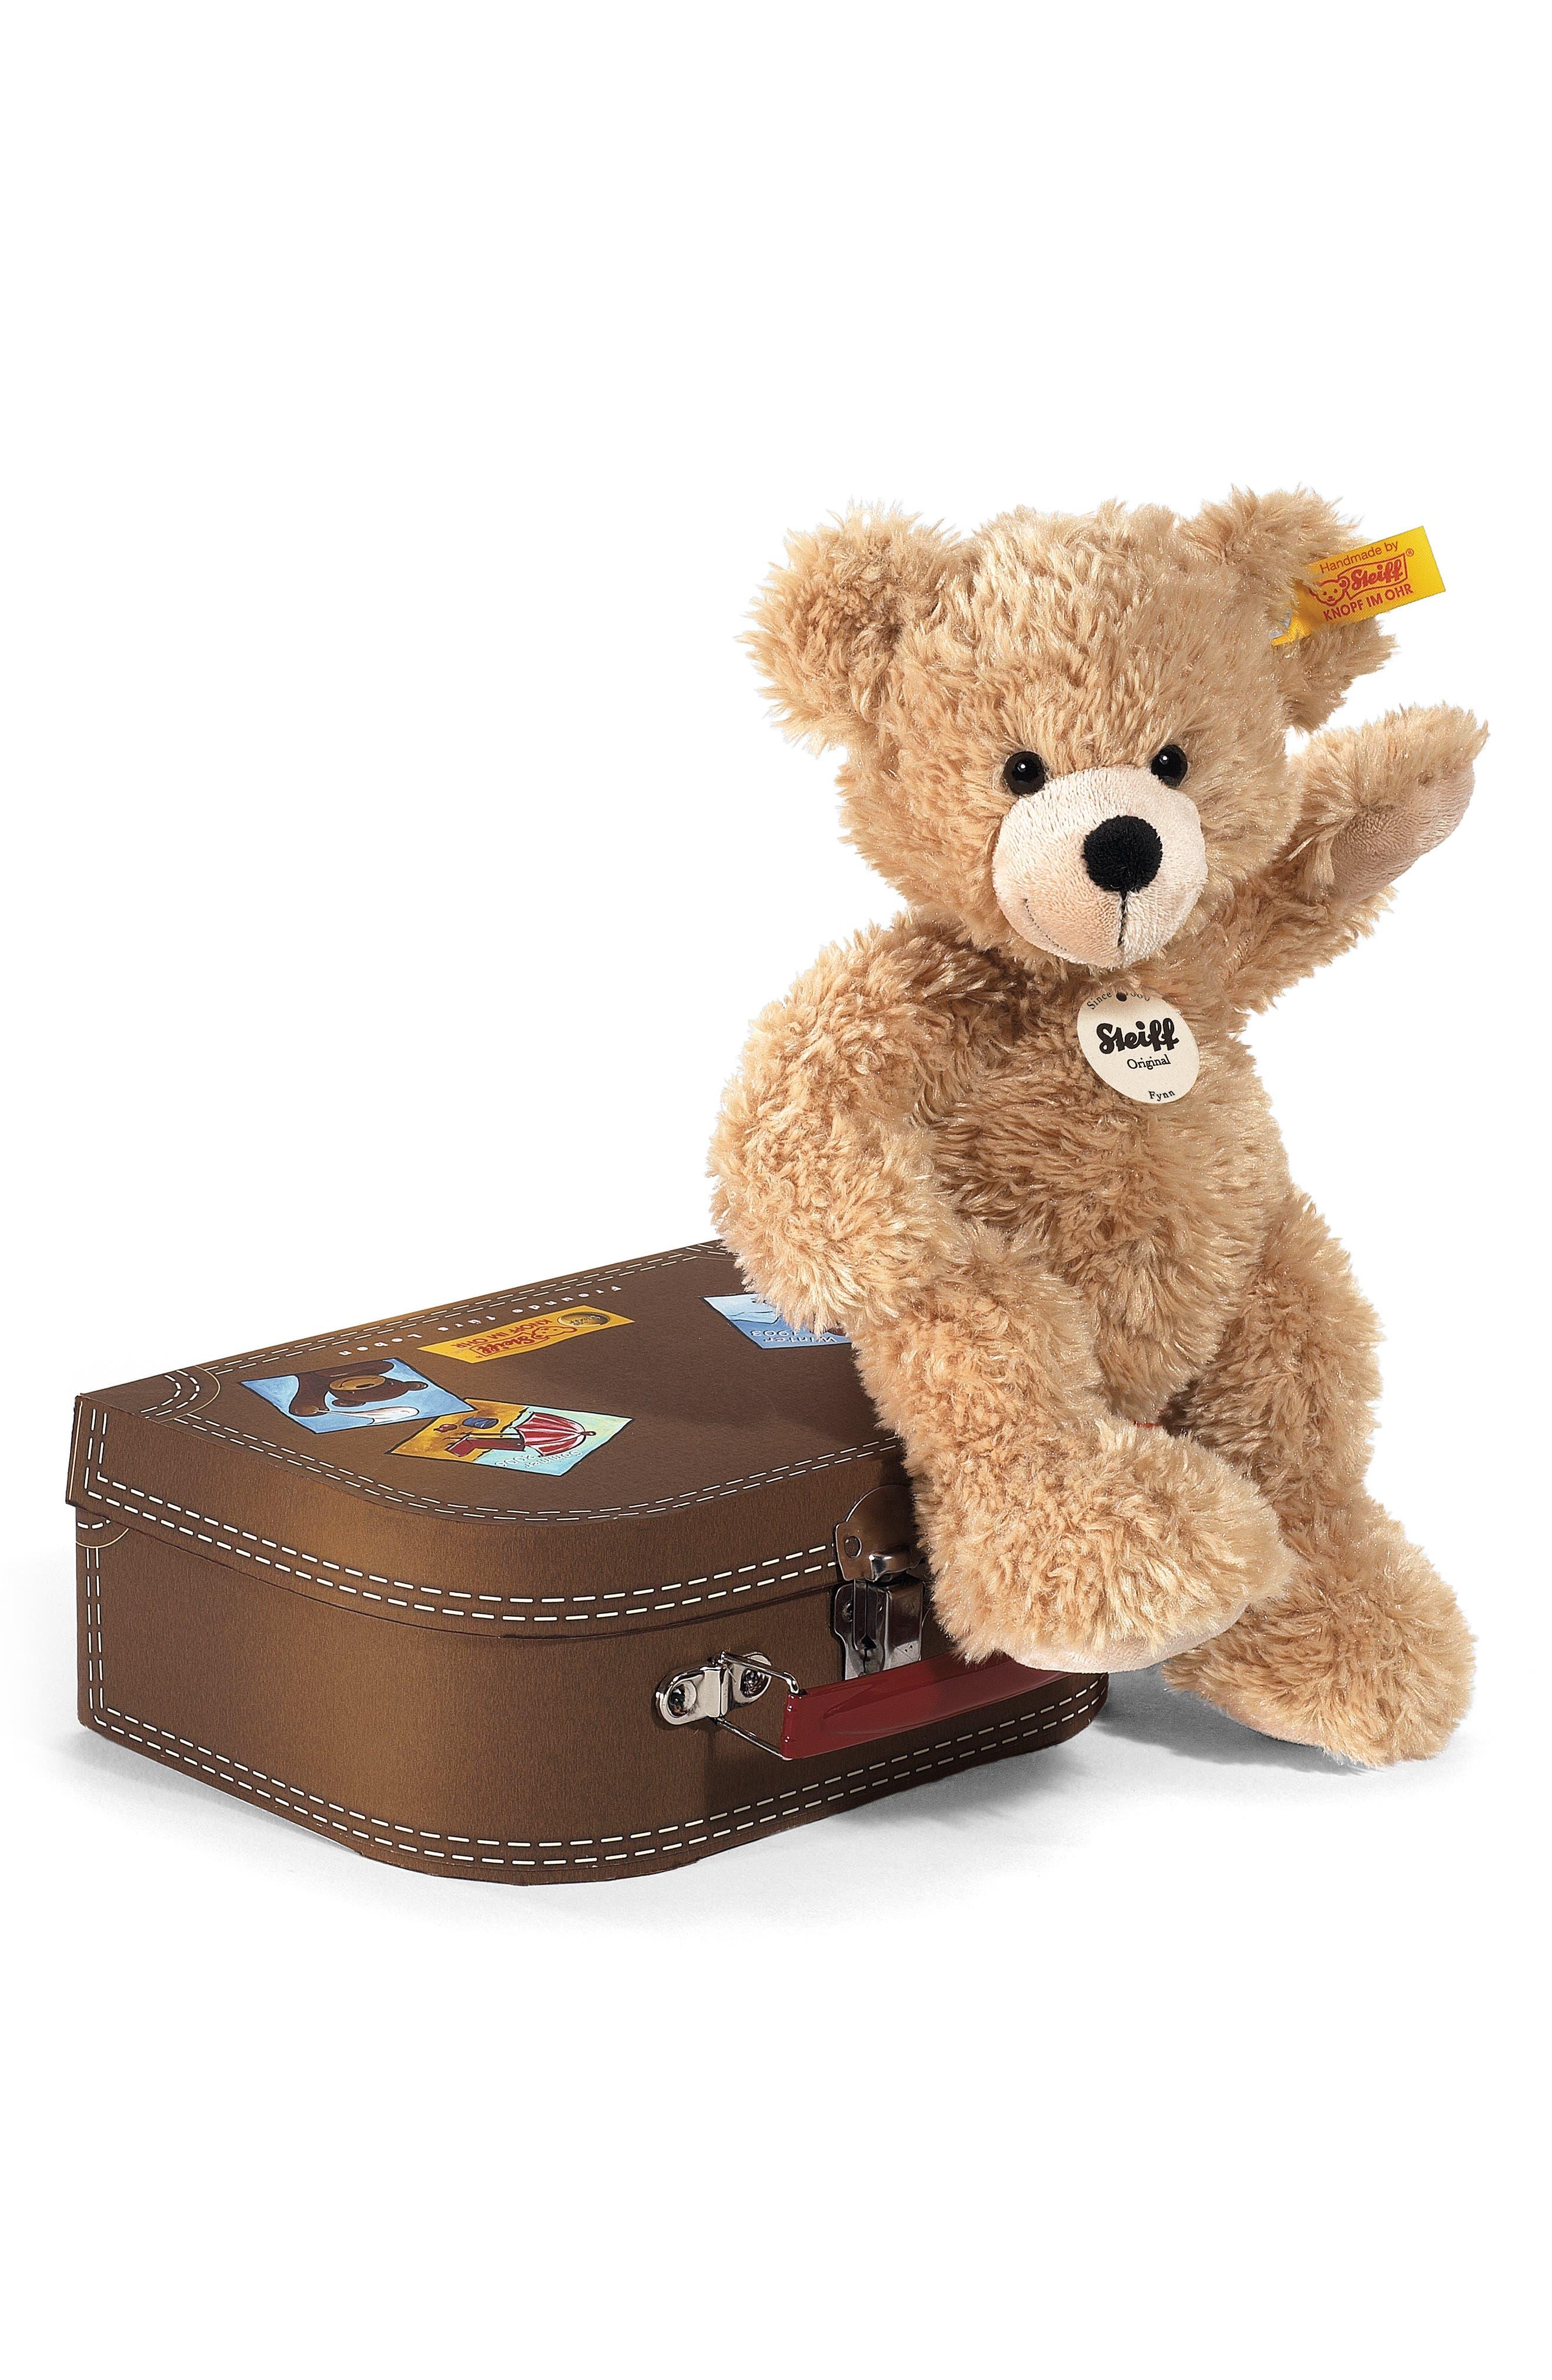 Steiff Fynn Teddy Bear & Suitcase Set